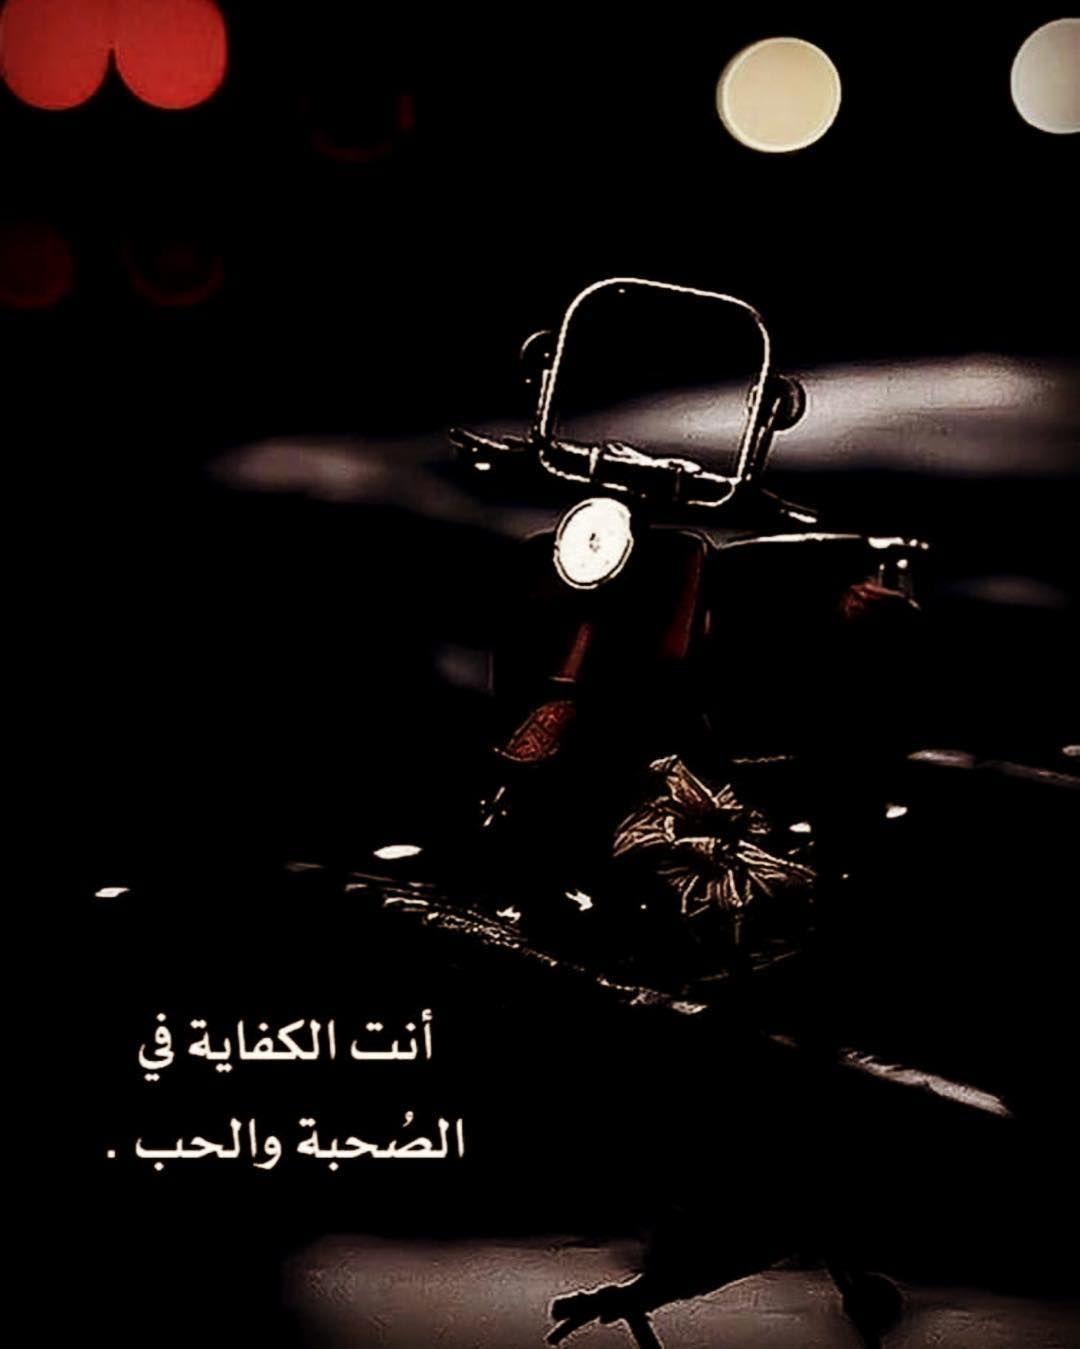 الحب المشاعر الاحاسيس بوح هلوسه شعور جميل احساس دافي انت U Arabic Quotes Phrase Good Vibes